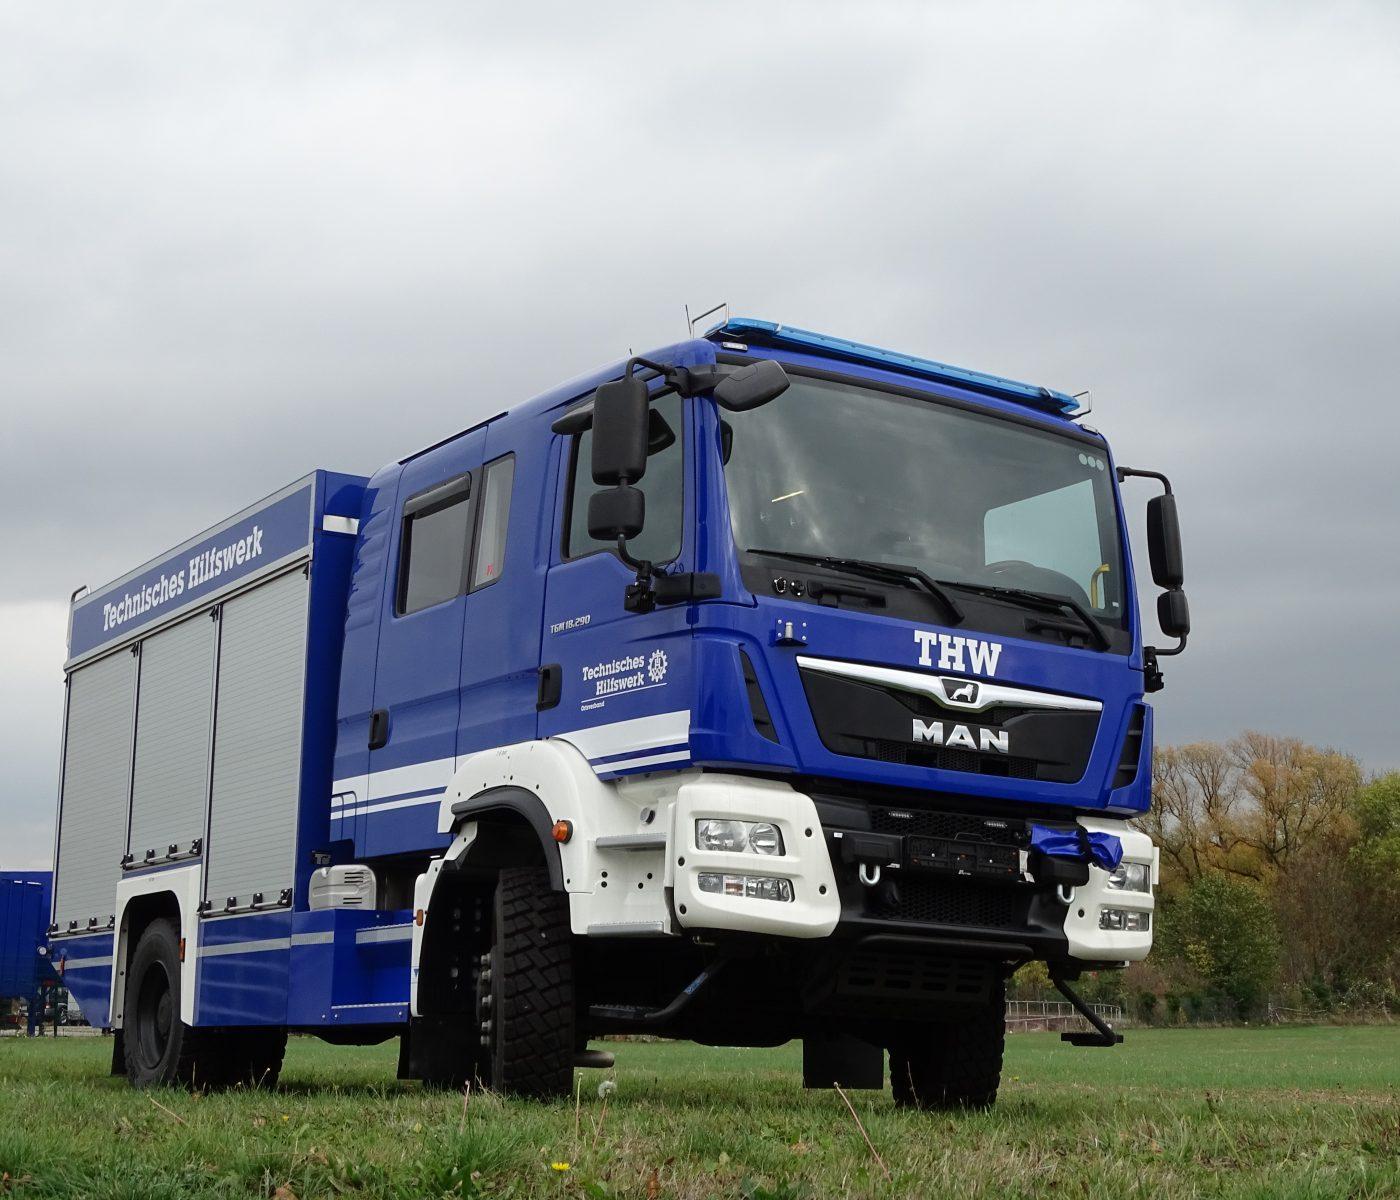 Auf einer Wiese steht ein Gerätekraftwagen des THWs (Bundesanstalt technisches Hilfswerk).